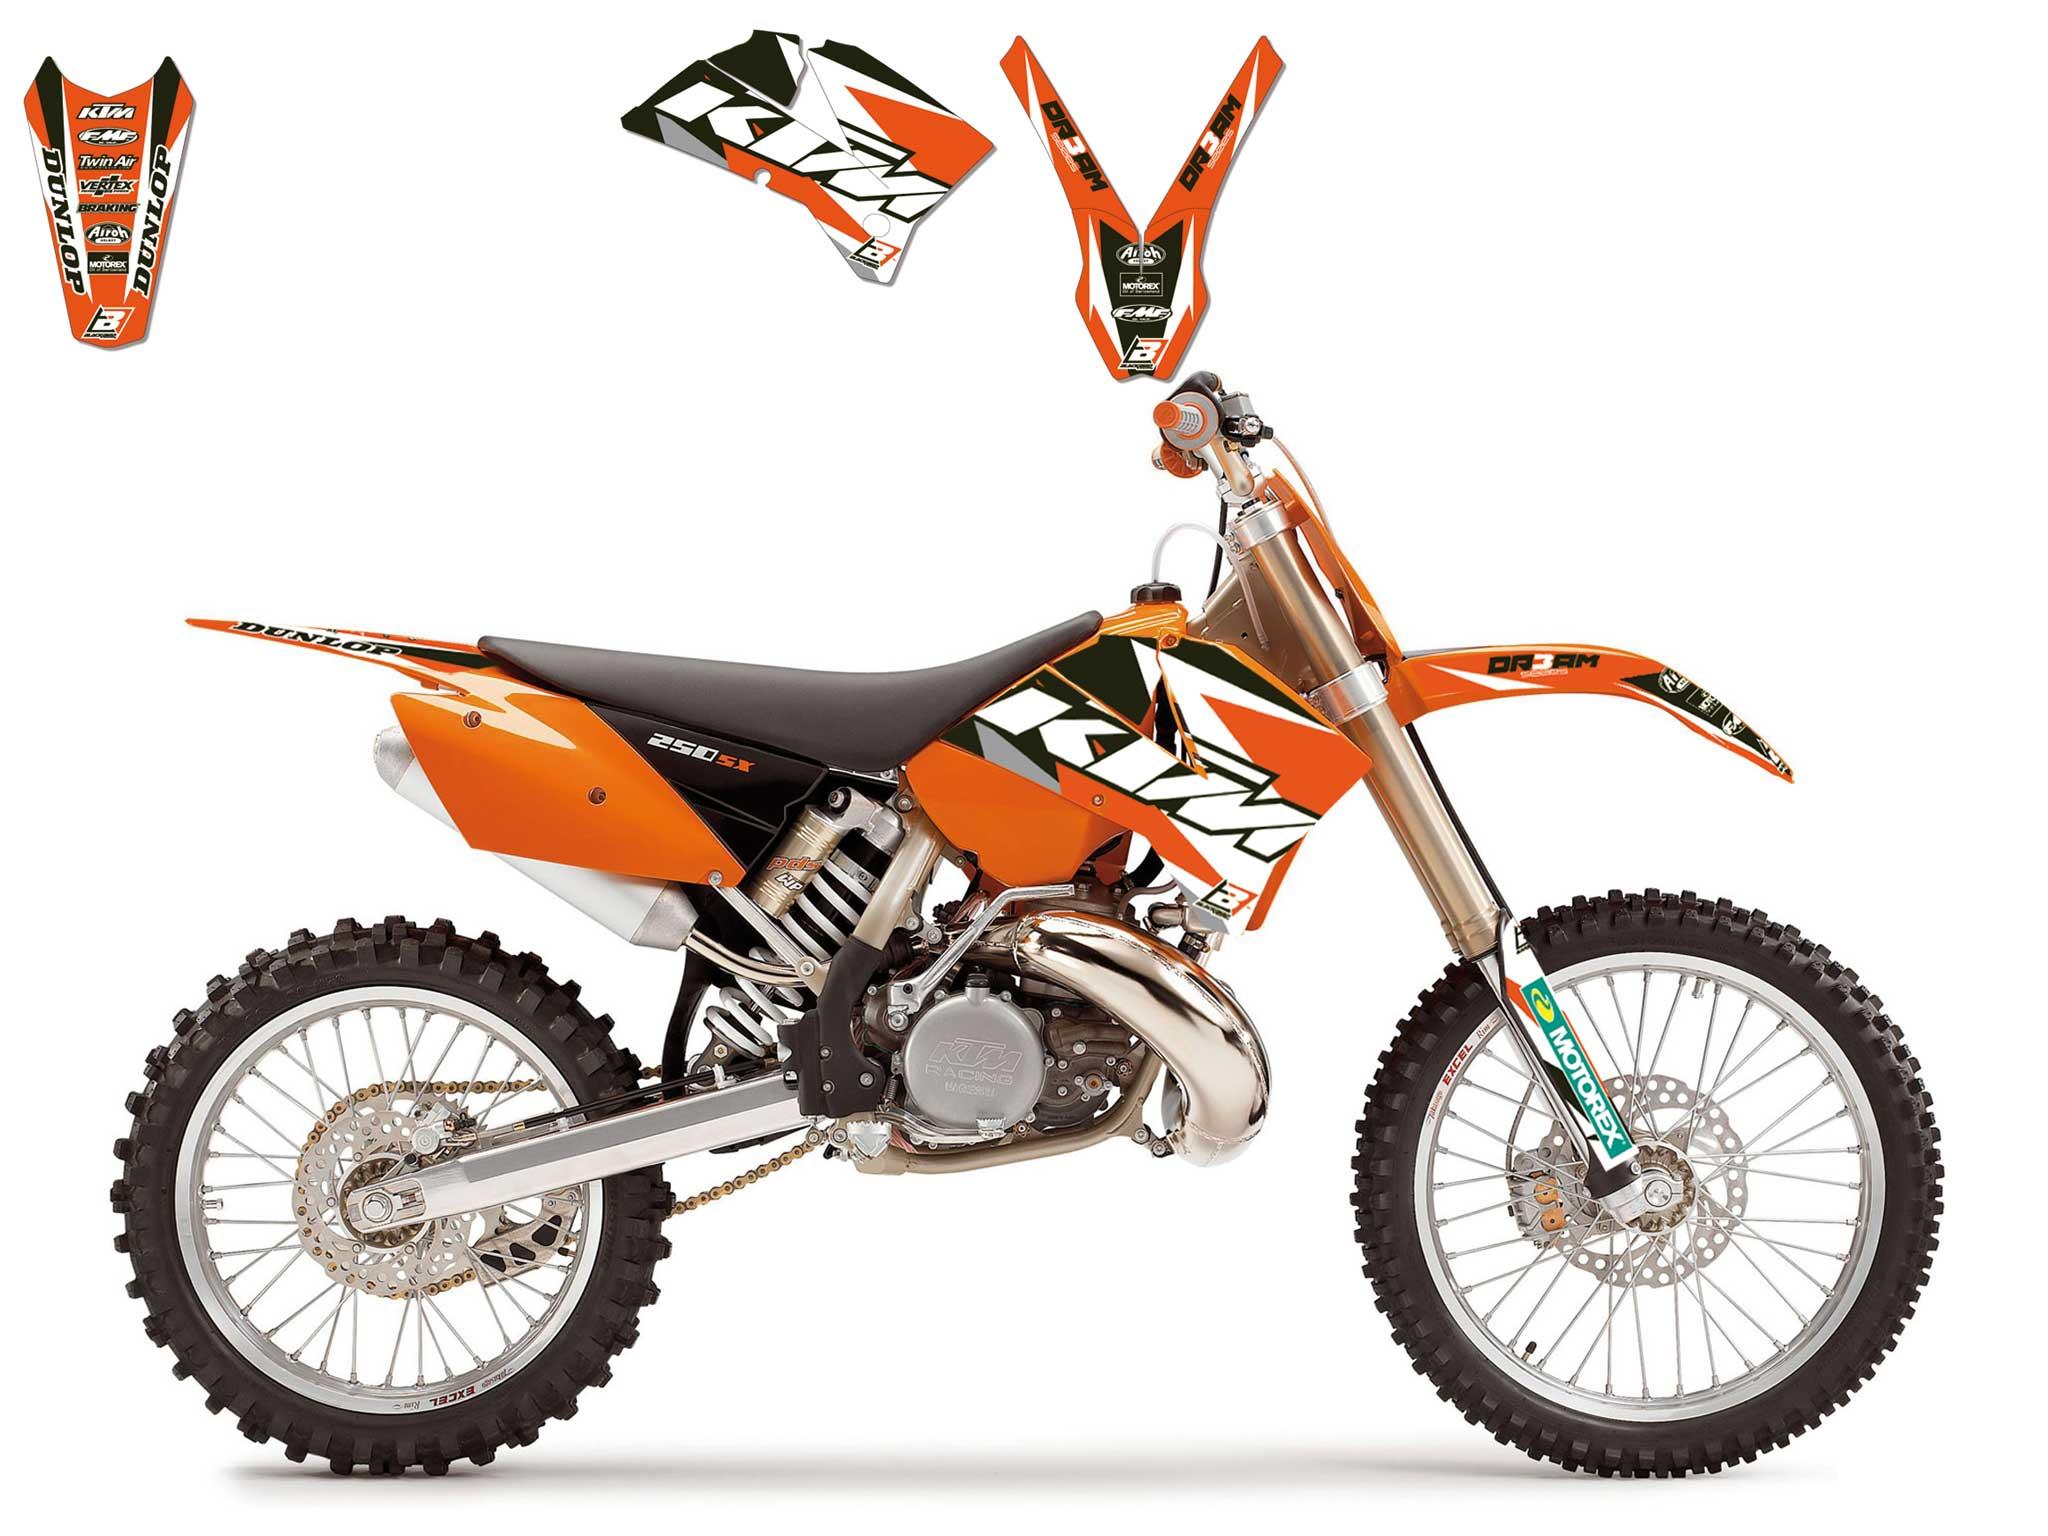 kit deco complet ktm sx sxf125 et plus 2005 2006 78177135 kits deco 1000 accessoires moto